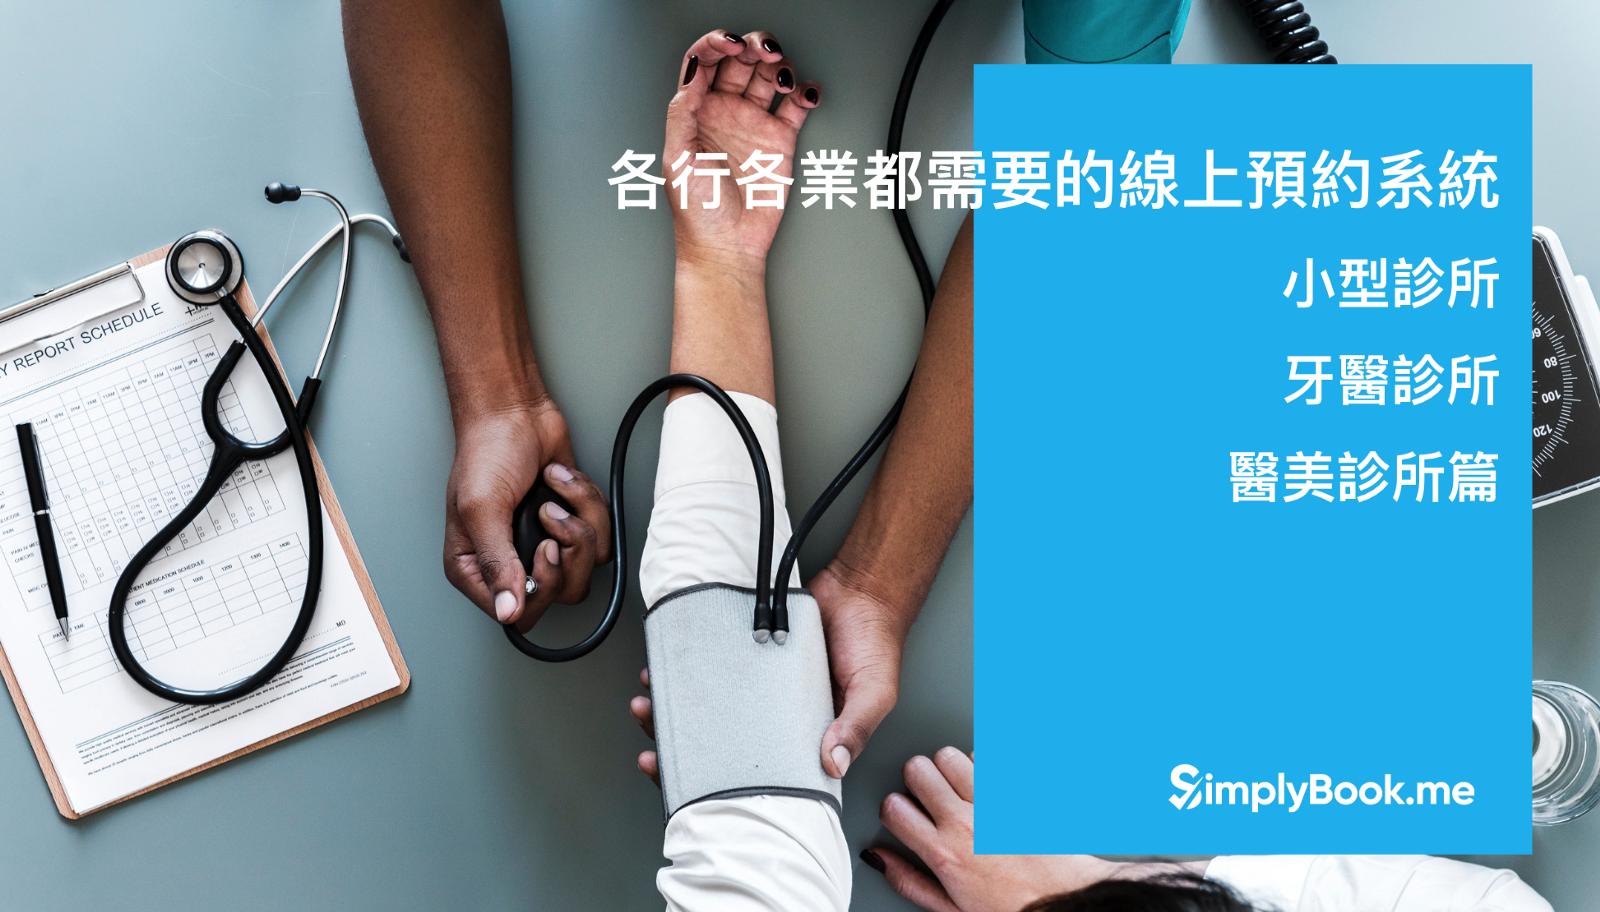 各行各業都需要的線上預約系統—牙醫診所、小型診所、醫美診所篇!